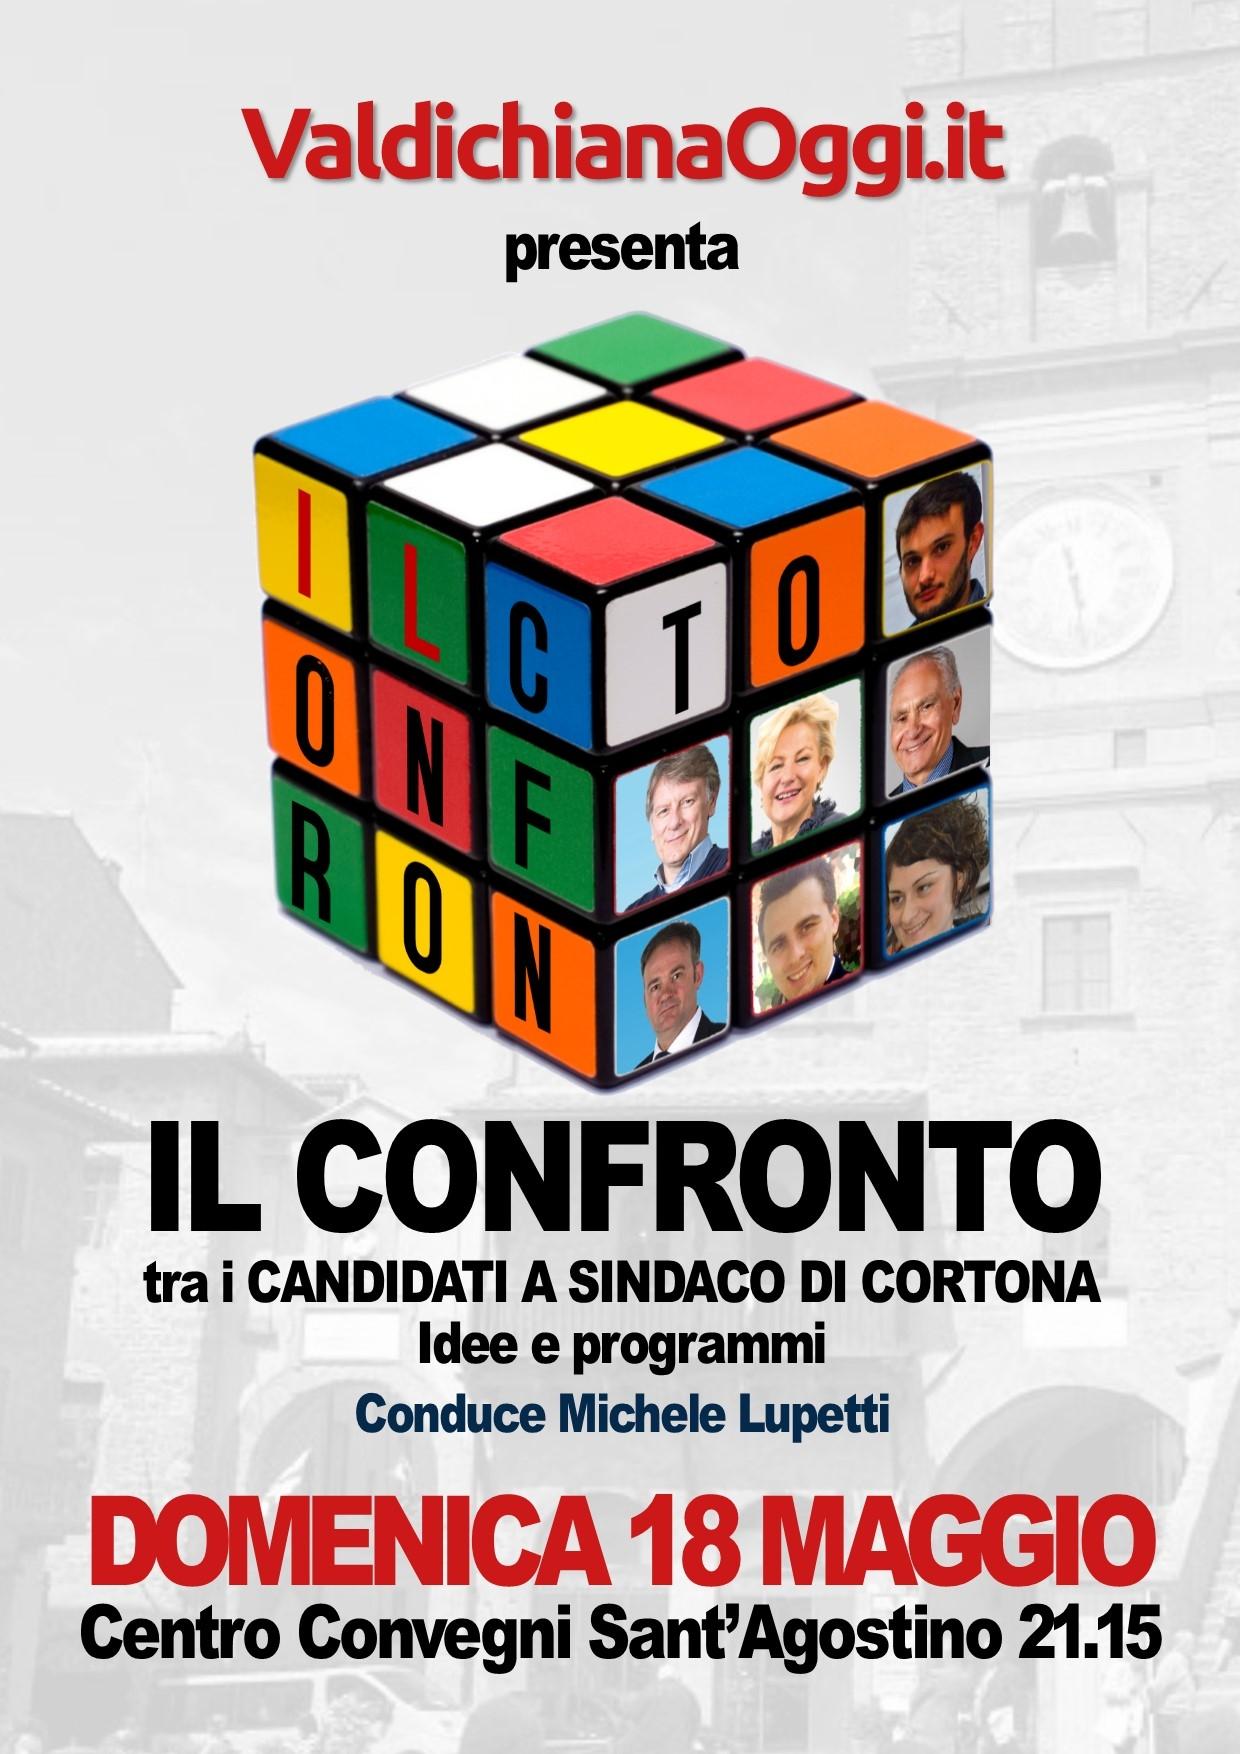 Il confronto fra i candidati a Sindaco di Cortona... da non perdere!